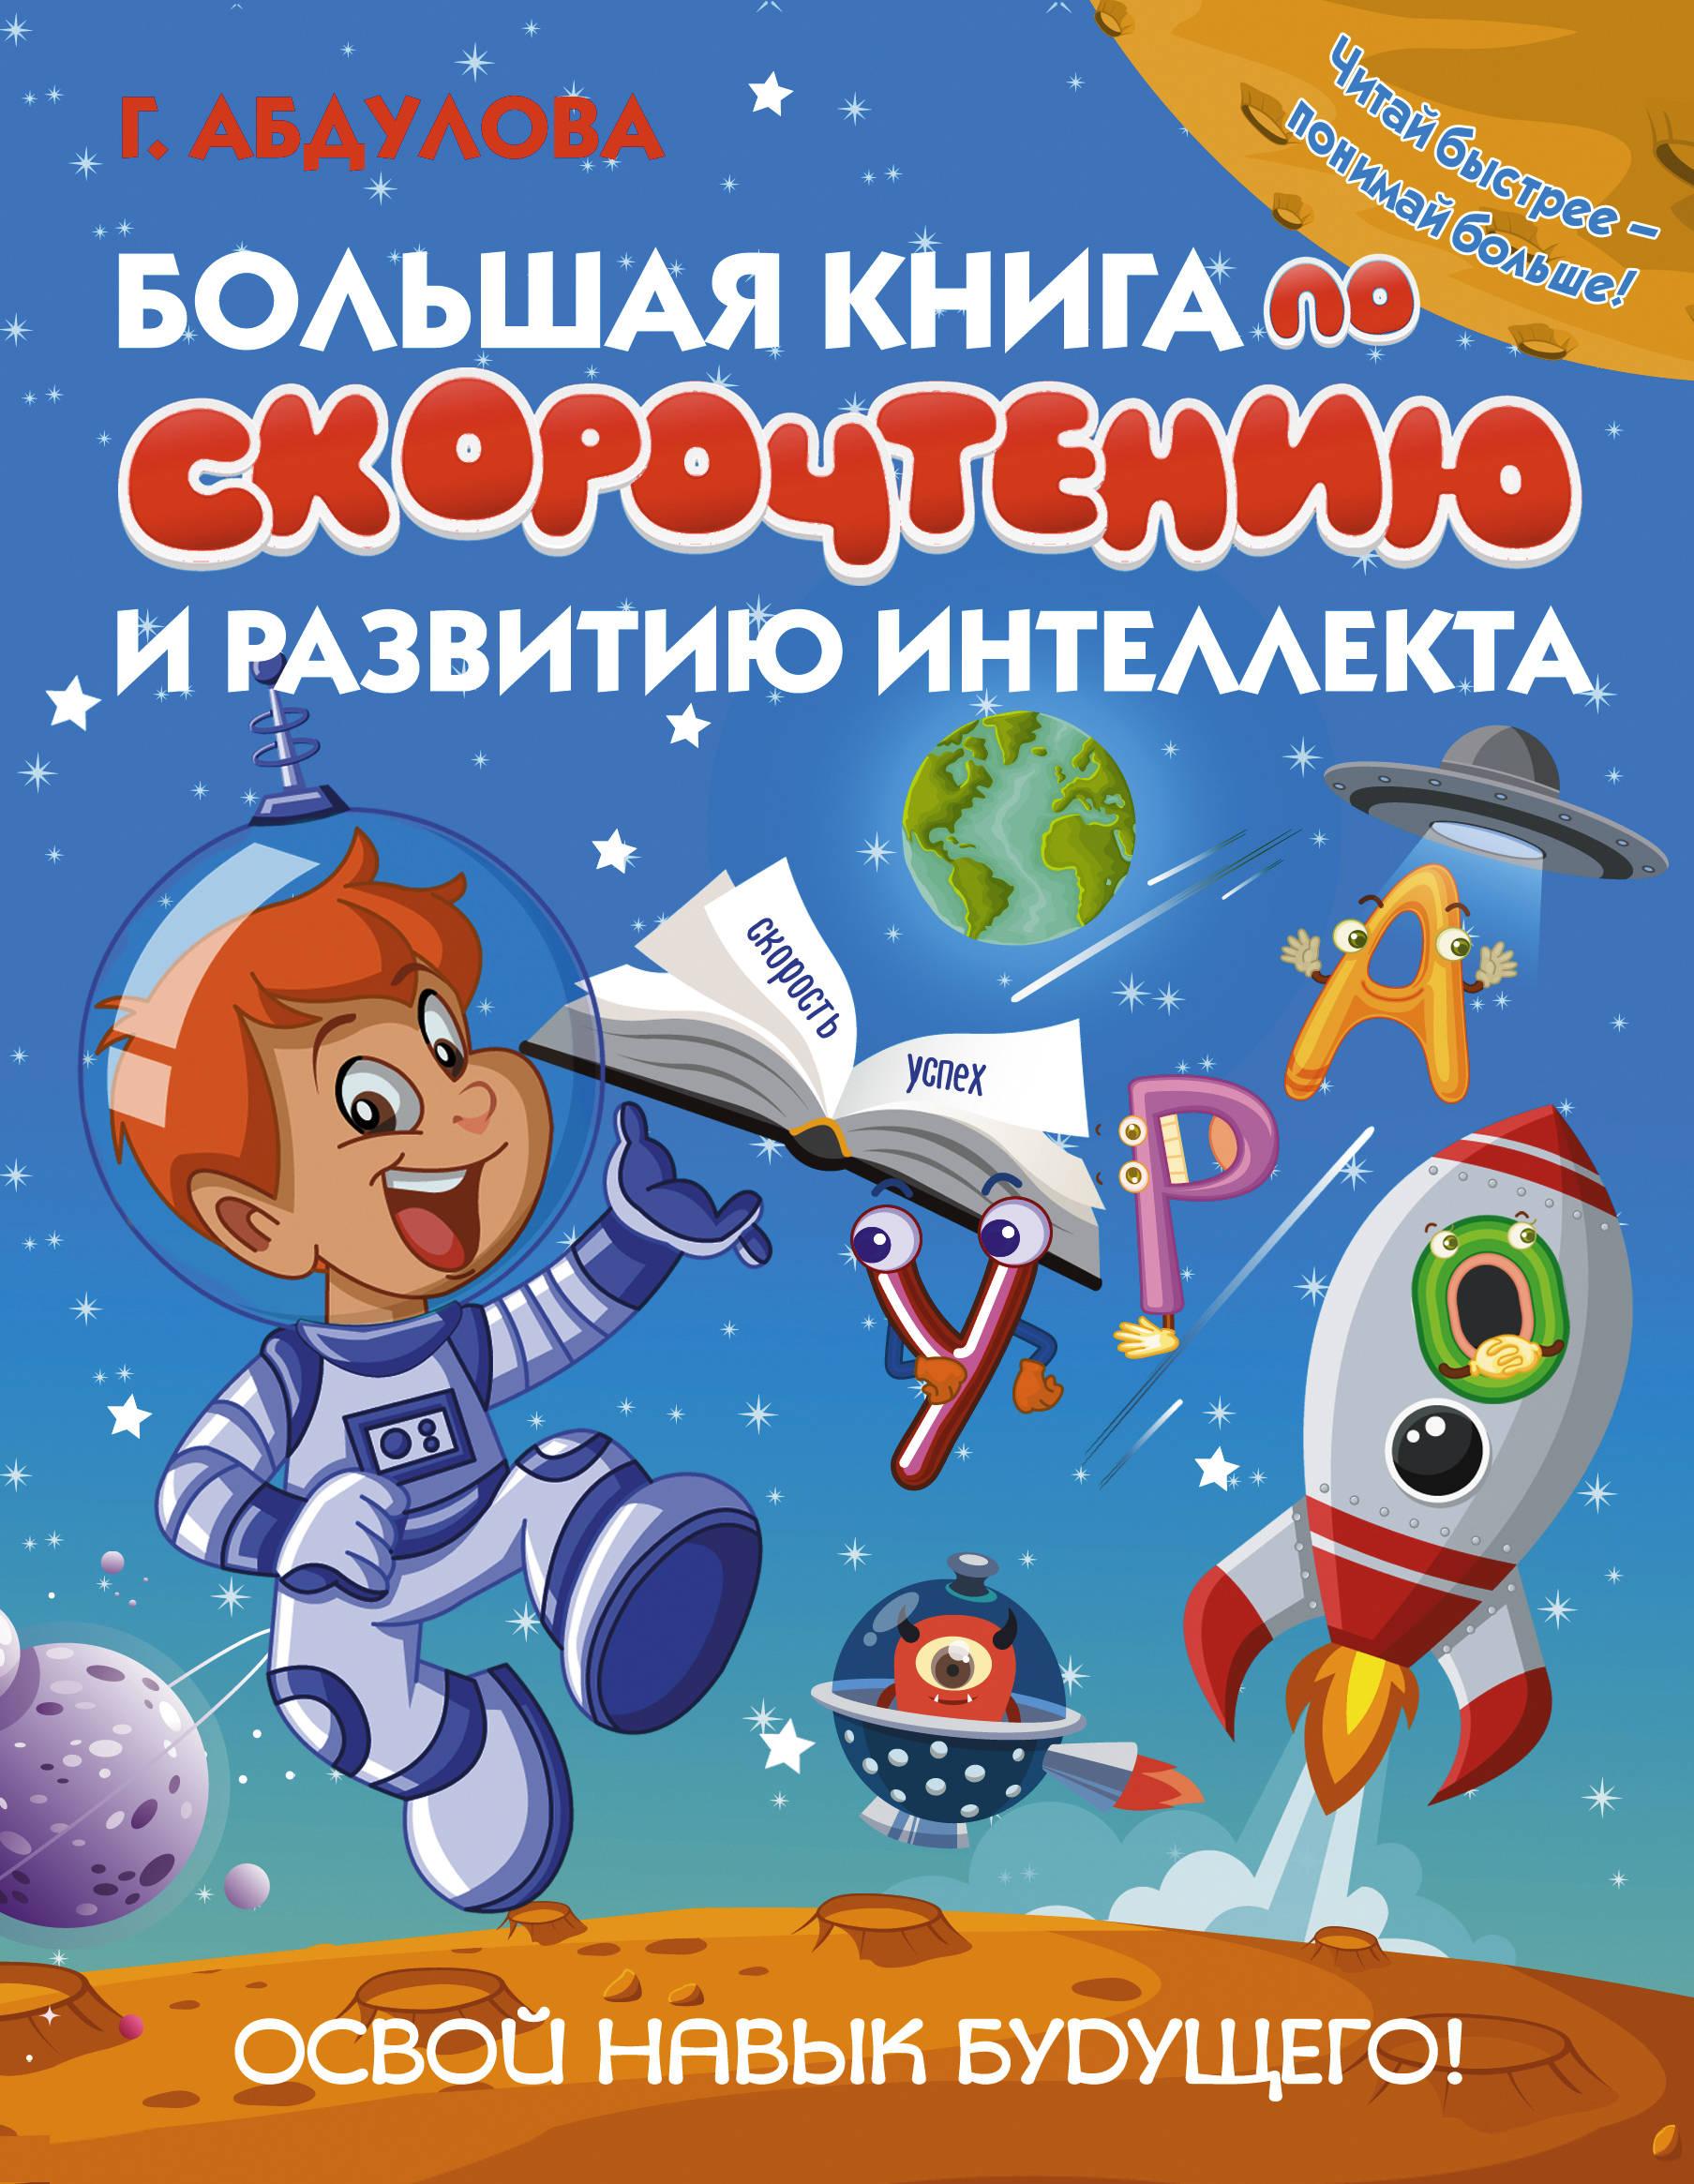 Большая книга по скорочтению и развитию интеллекта ( Абдулова Гюзель Фидаилевна  )